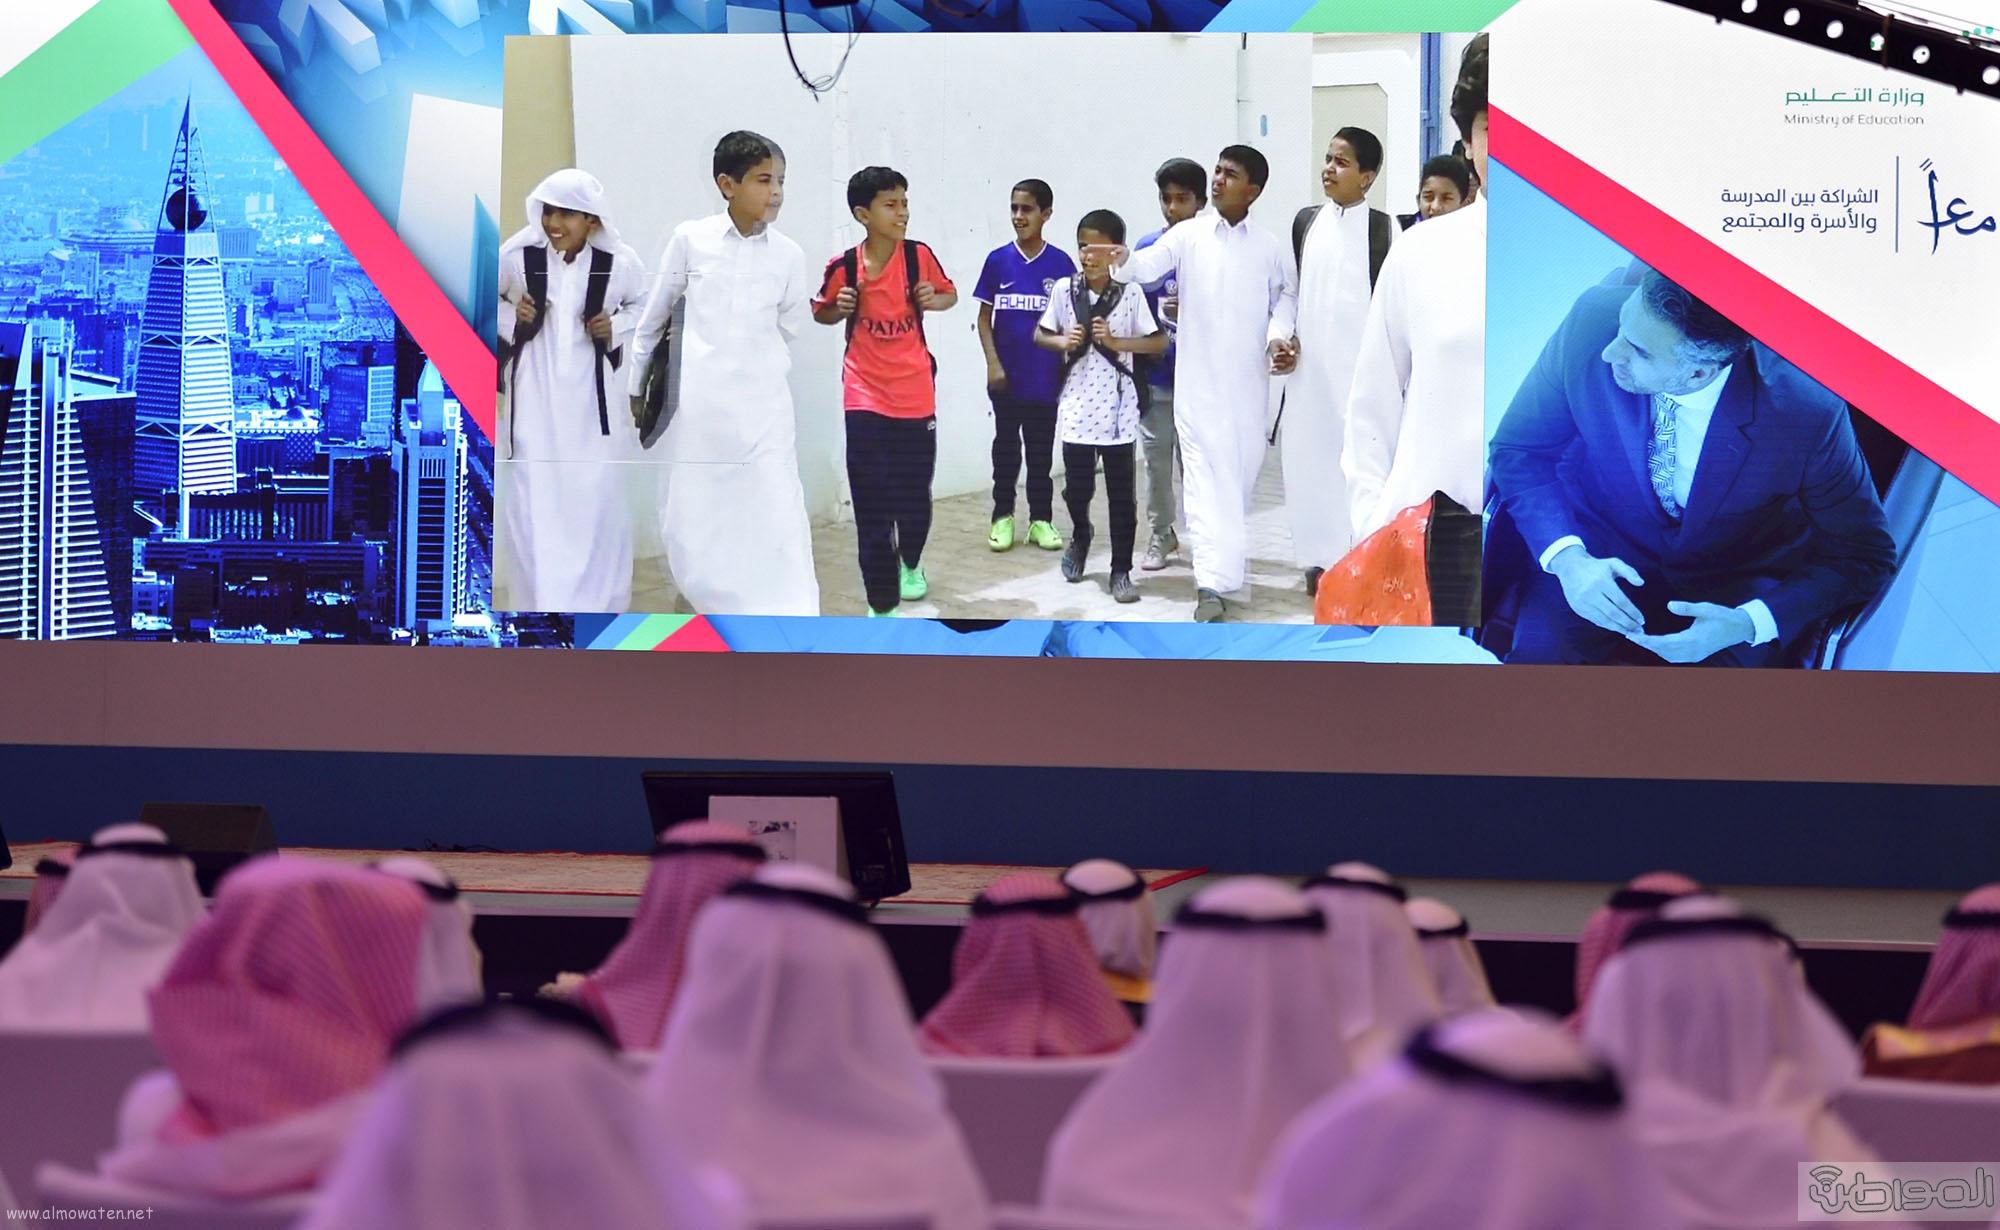 امير الرياض من ملتقي معا لانشاء جيل عالي من التعليم (7)